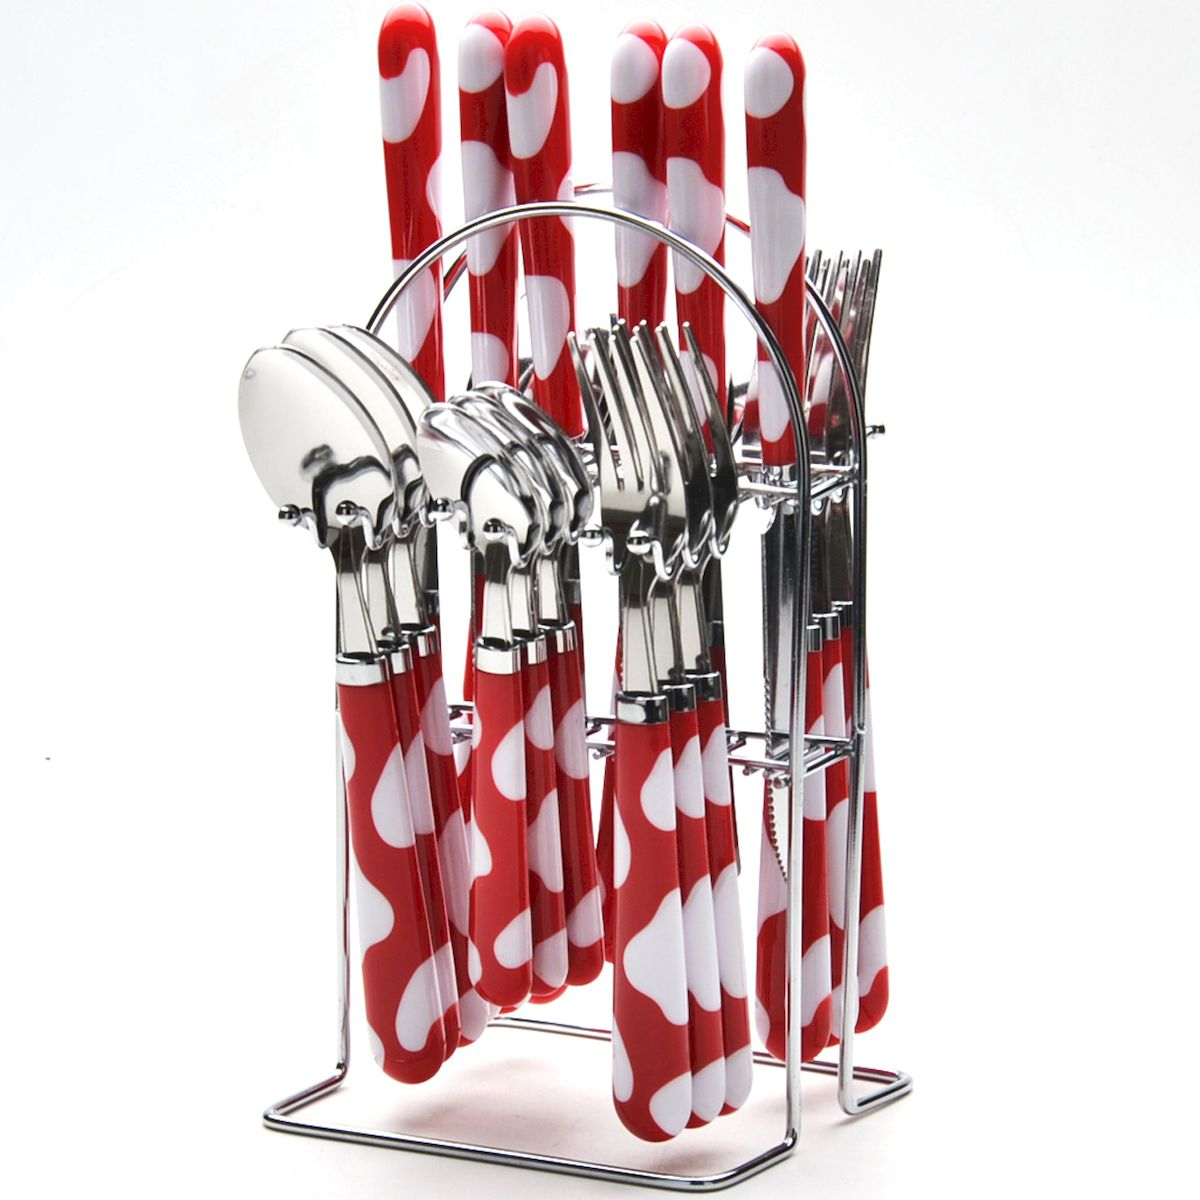 """Набор """"Mayer & Boch"""" включает 25 предметов: 6 столовых  ножей, 6  столовых ложек, 6 столовых вилок, 6 чайных ложек и  подставку. Приборы  выполнены из прочной нержавеющей стали и пластика.  Прекрасное сочетание оригинального дизайна и удобство  использования  предметов набора придется по душе каждому. Предметы  набора расположены на  металлической подставке.  Набор столовых приборов """"Mayer & Boch"""" подойдет для  сервировки стола как  дома, так и на даче и всегда будет важной частью трапезы.  Длина столовой ложки: 20,5 см.  Длина вилки: 20,5 см.  Длина ножа: 22 см.  Длина чайной ложки: 17 см.  Размер подставки: 13,5 х 12 х 24 см."""